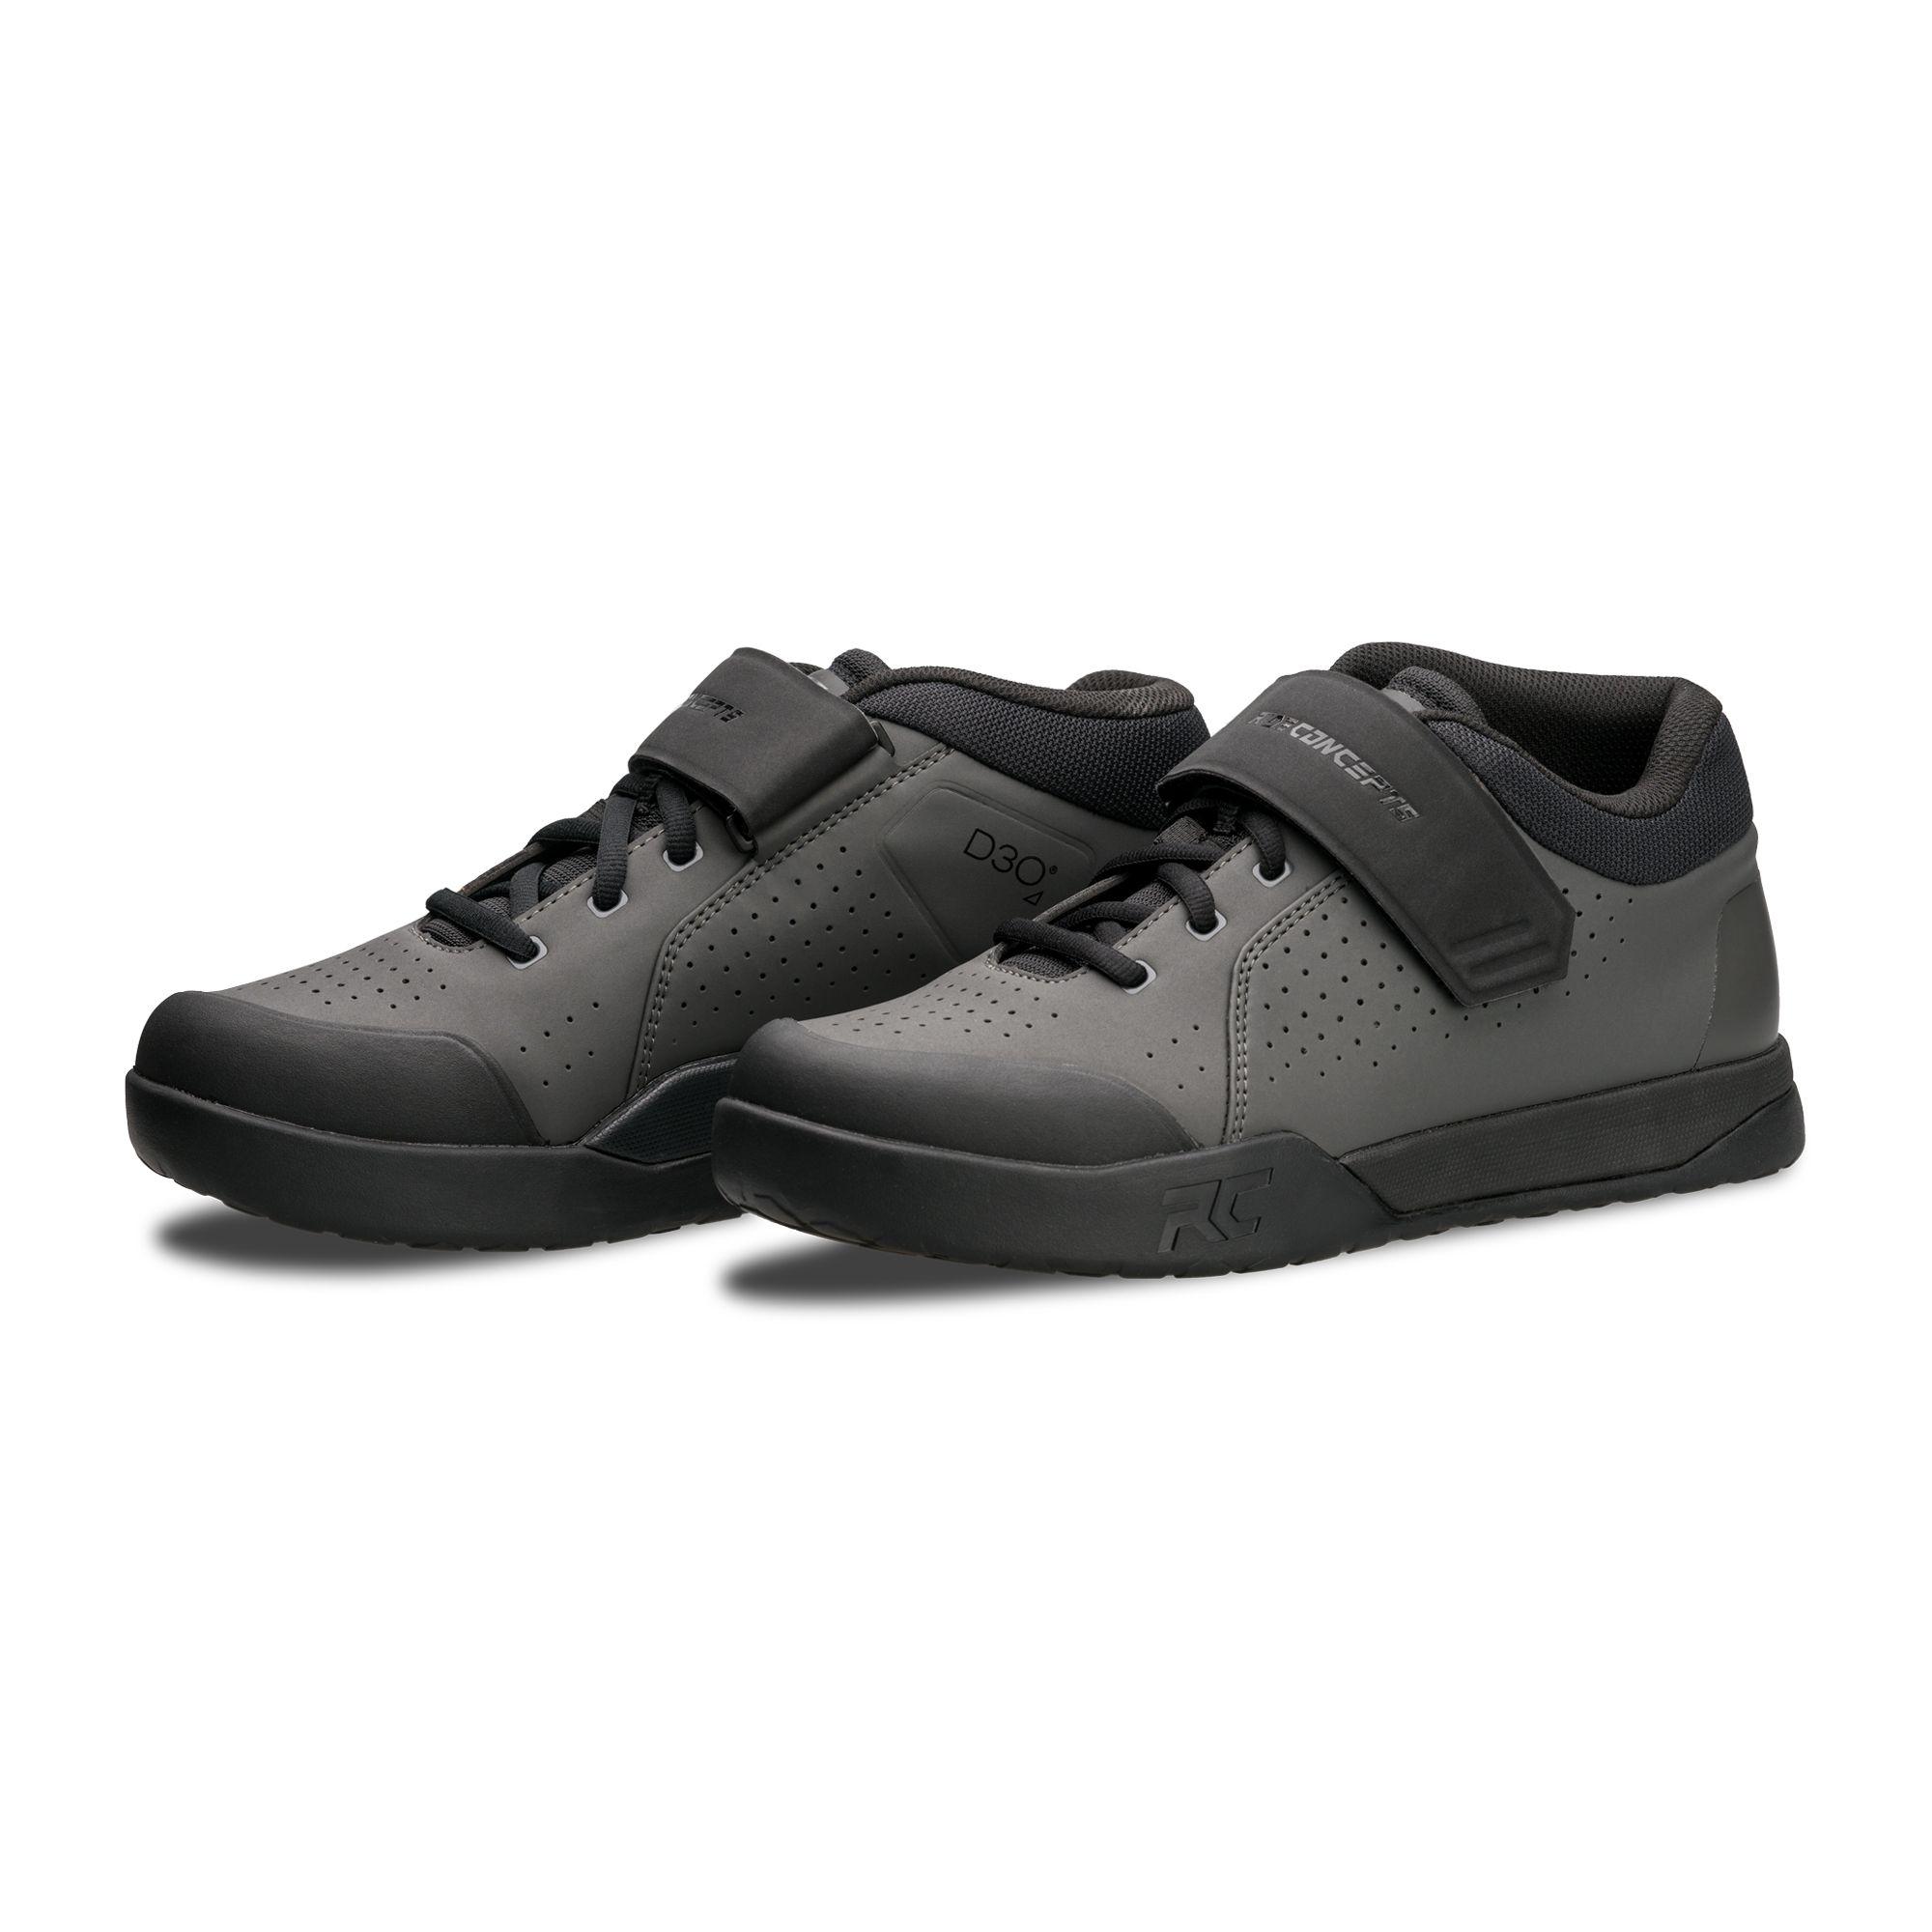 Ride Concepts Tnt Mtb Shoes 2020 | Sko